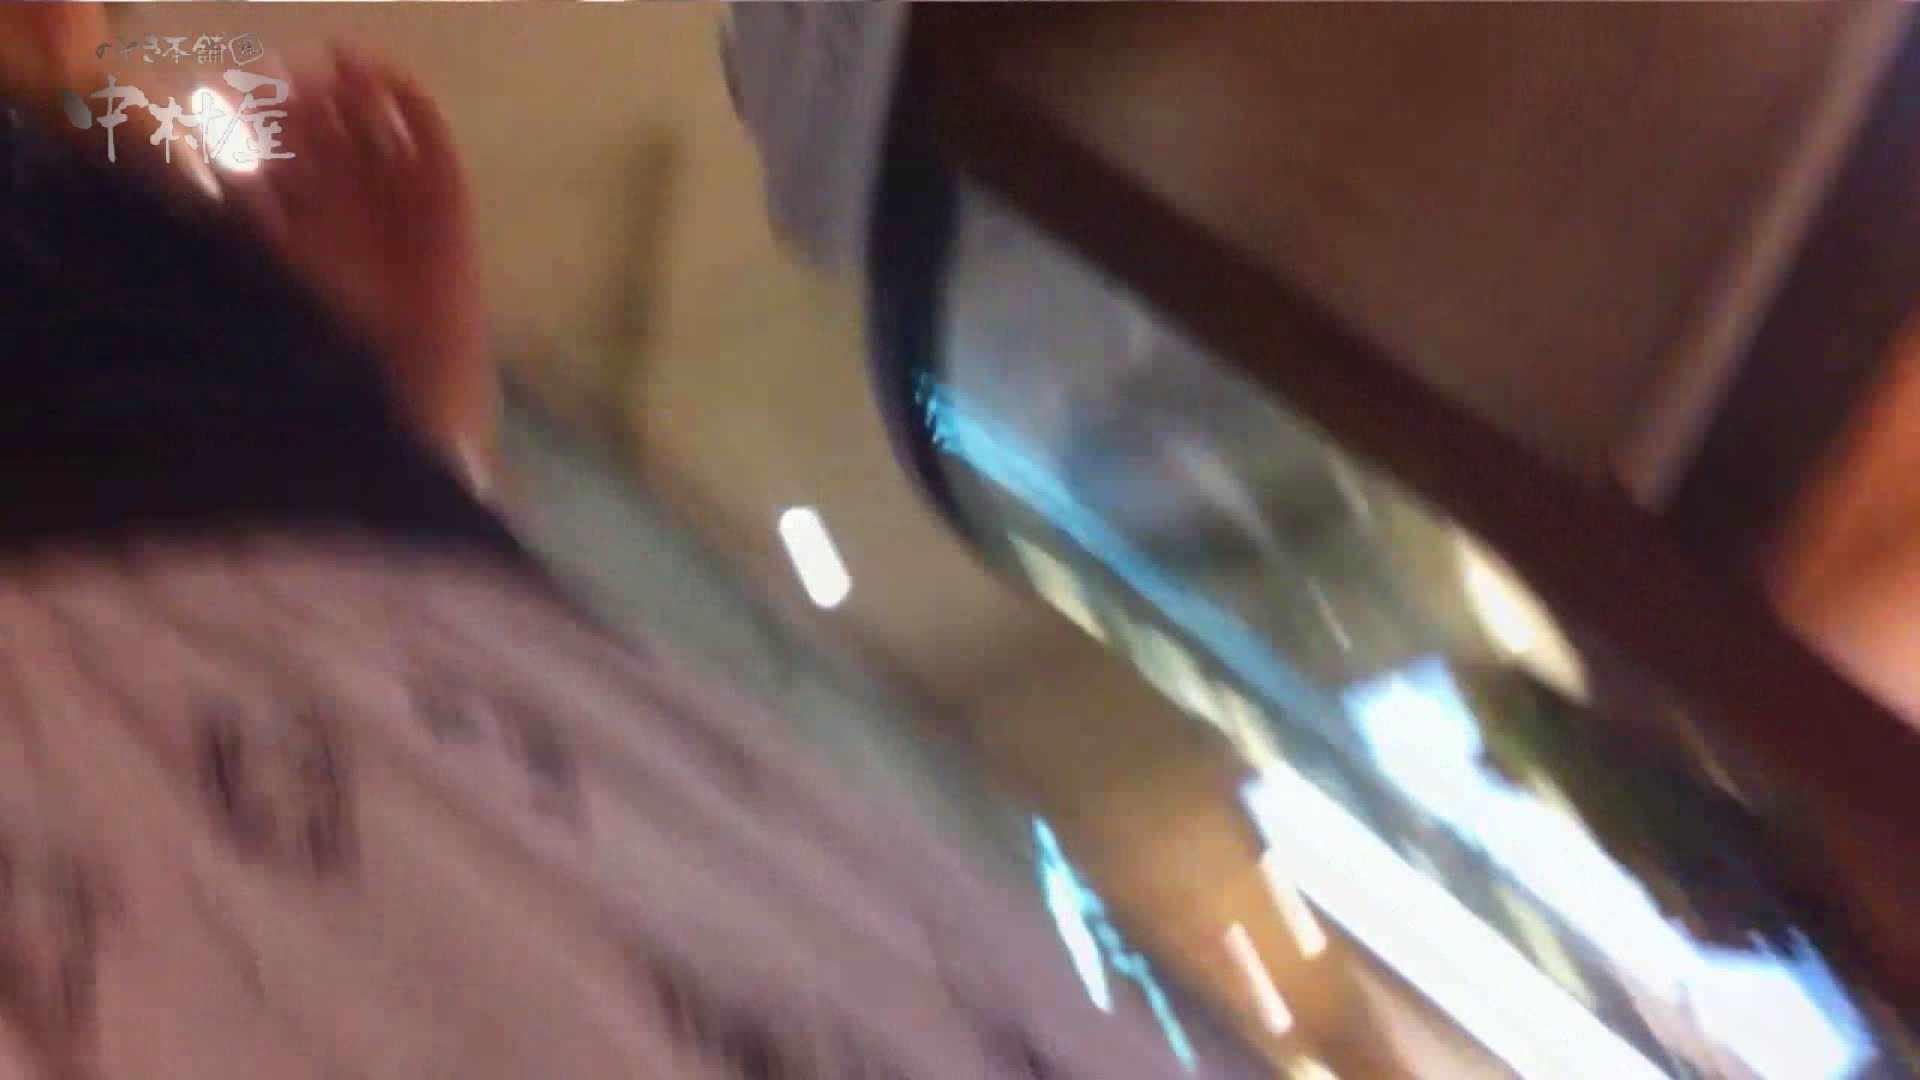 vol.77 美人アパレル胸チラ&パンチラ 緑のワンピにせまってみたw 胸チラ AV無料動画キャプチャ 107pic 49